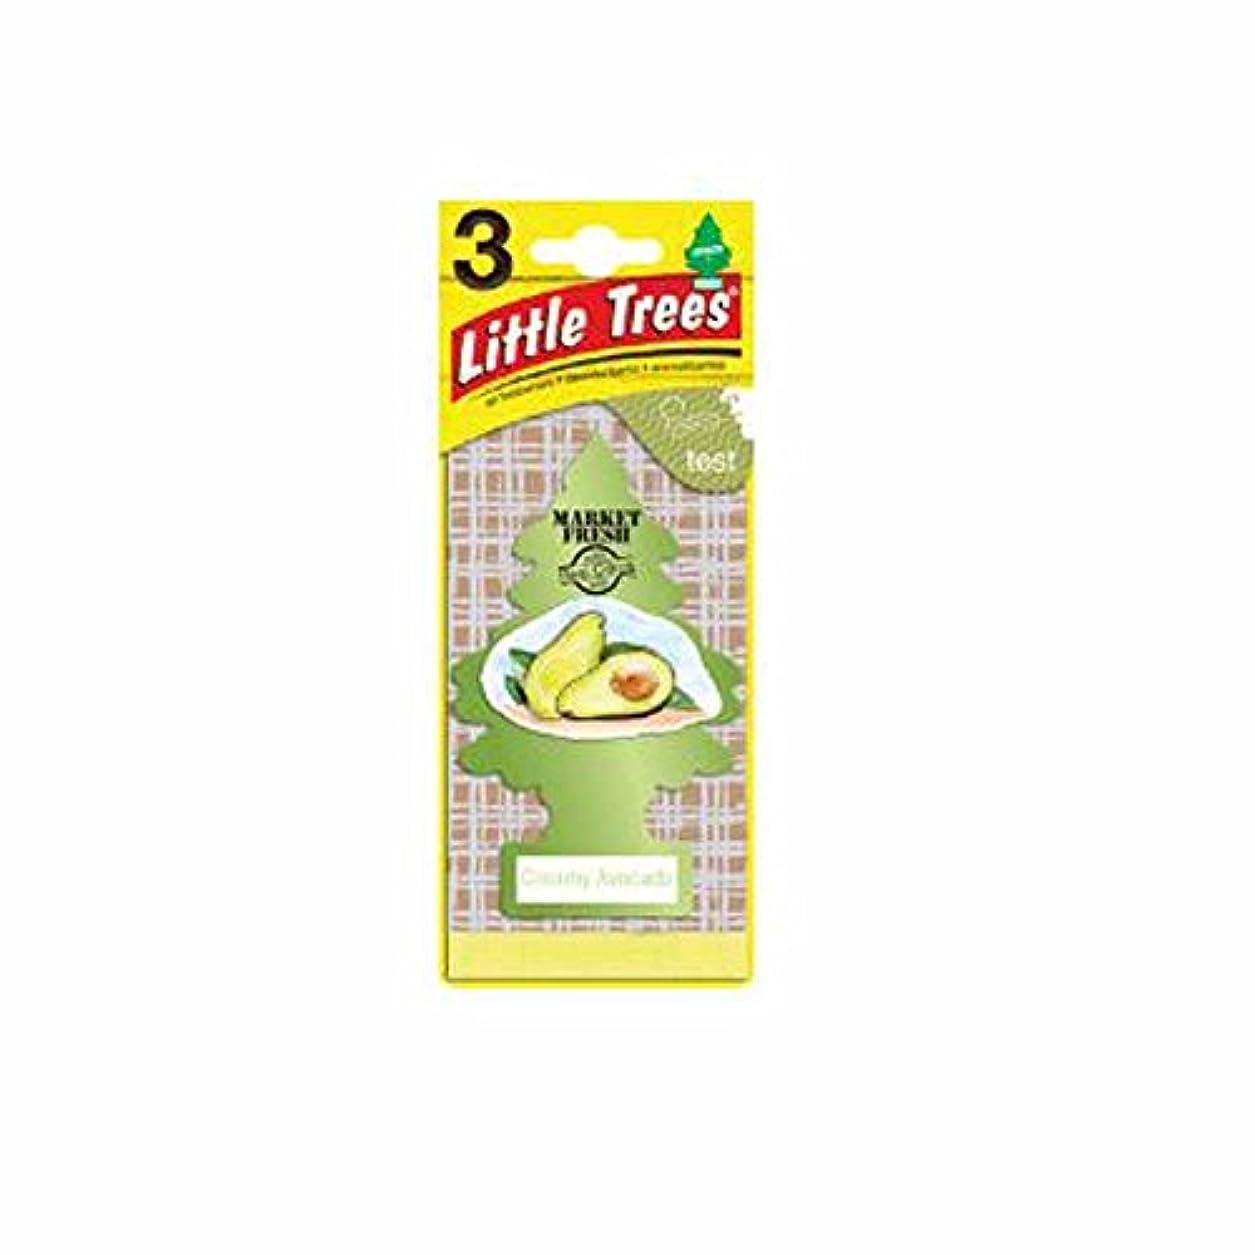 紫のおそらく自発的Little Trees 吊下げタイプ エアーフレッシュナー creamy avocado(クリーミーアボカド) 3枚セット(3P) U3S-37340